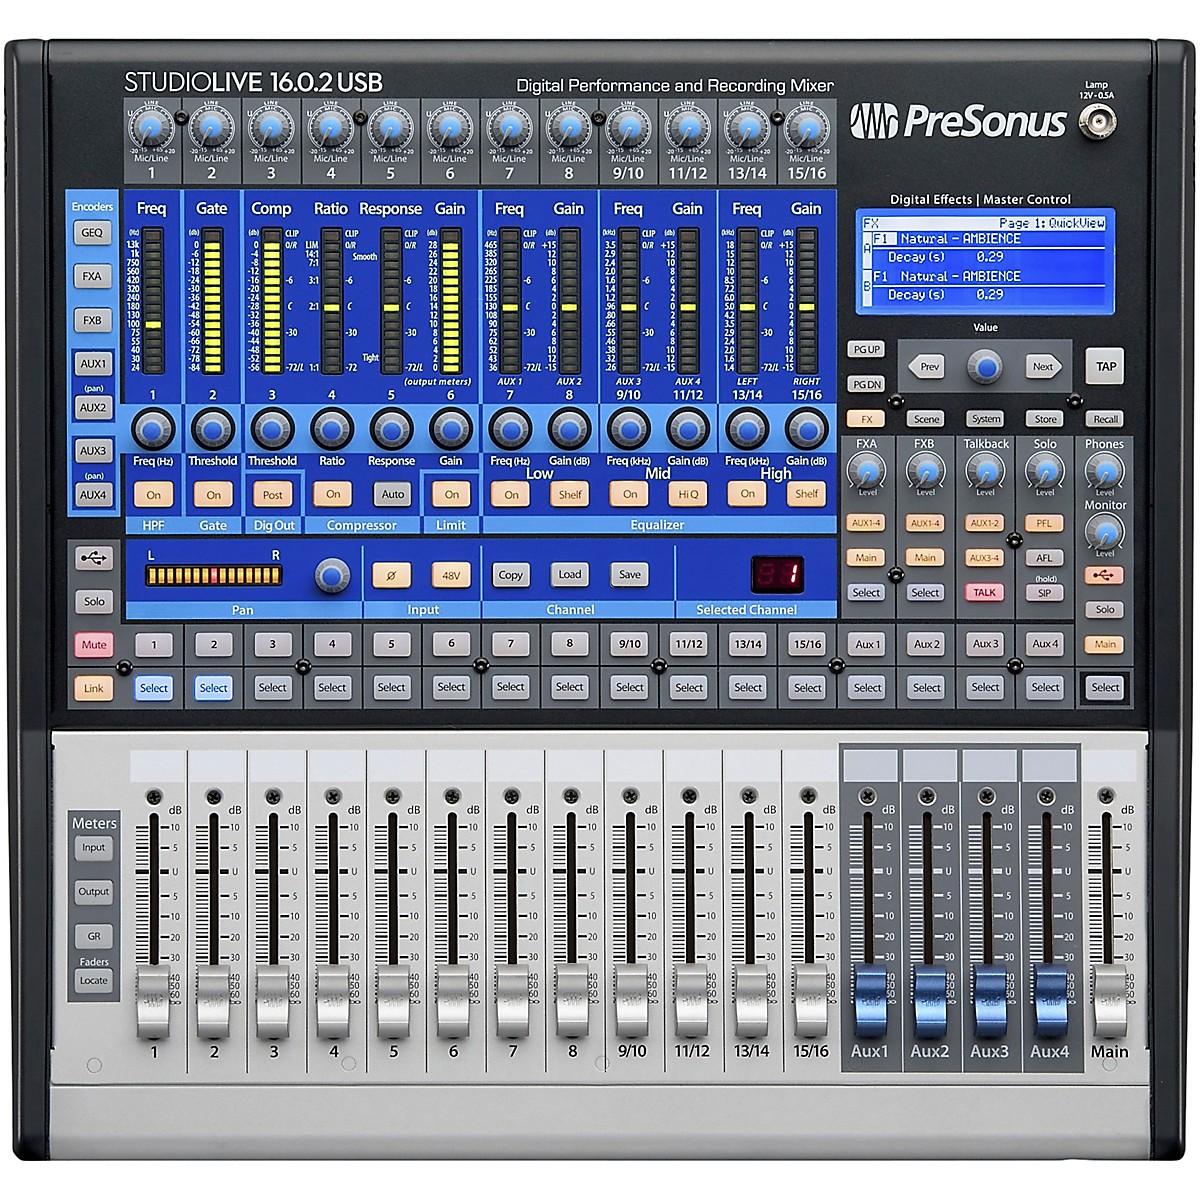 PreSonus StudioLive 16.0.2 USB 16x2 Performance and Recording Digital Mixer